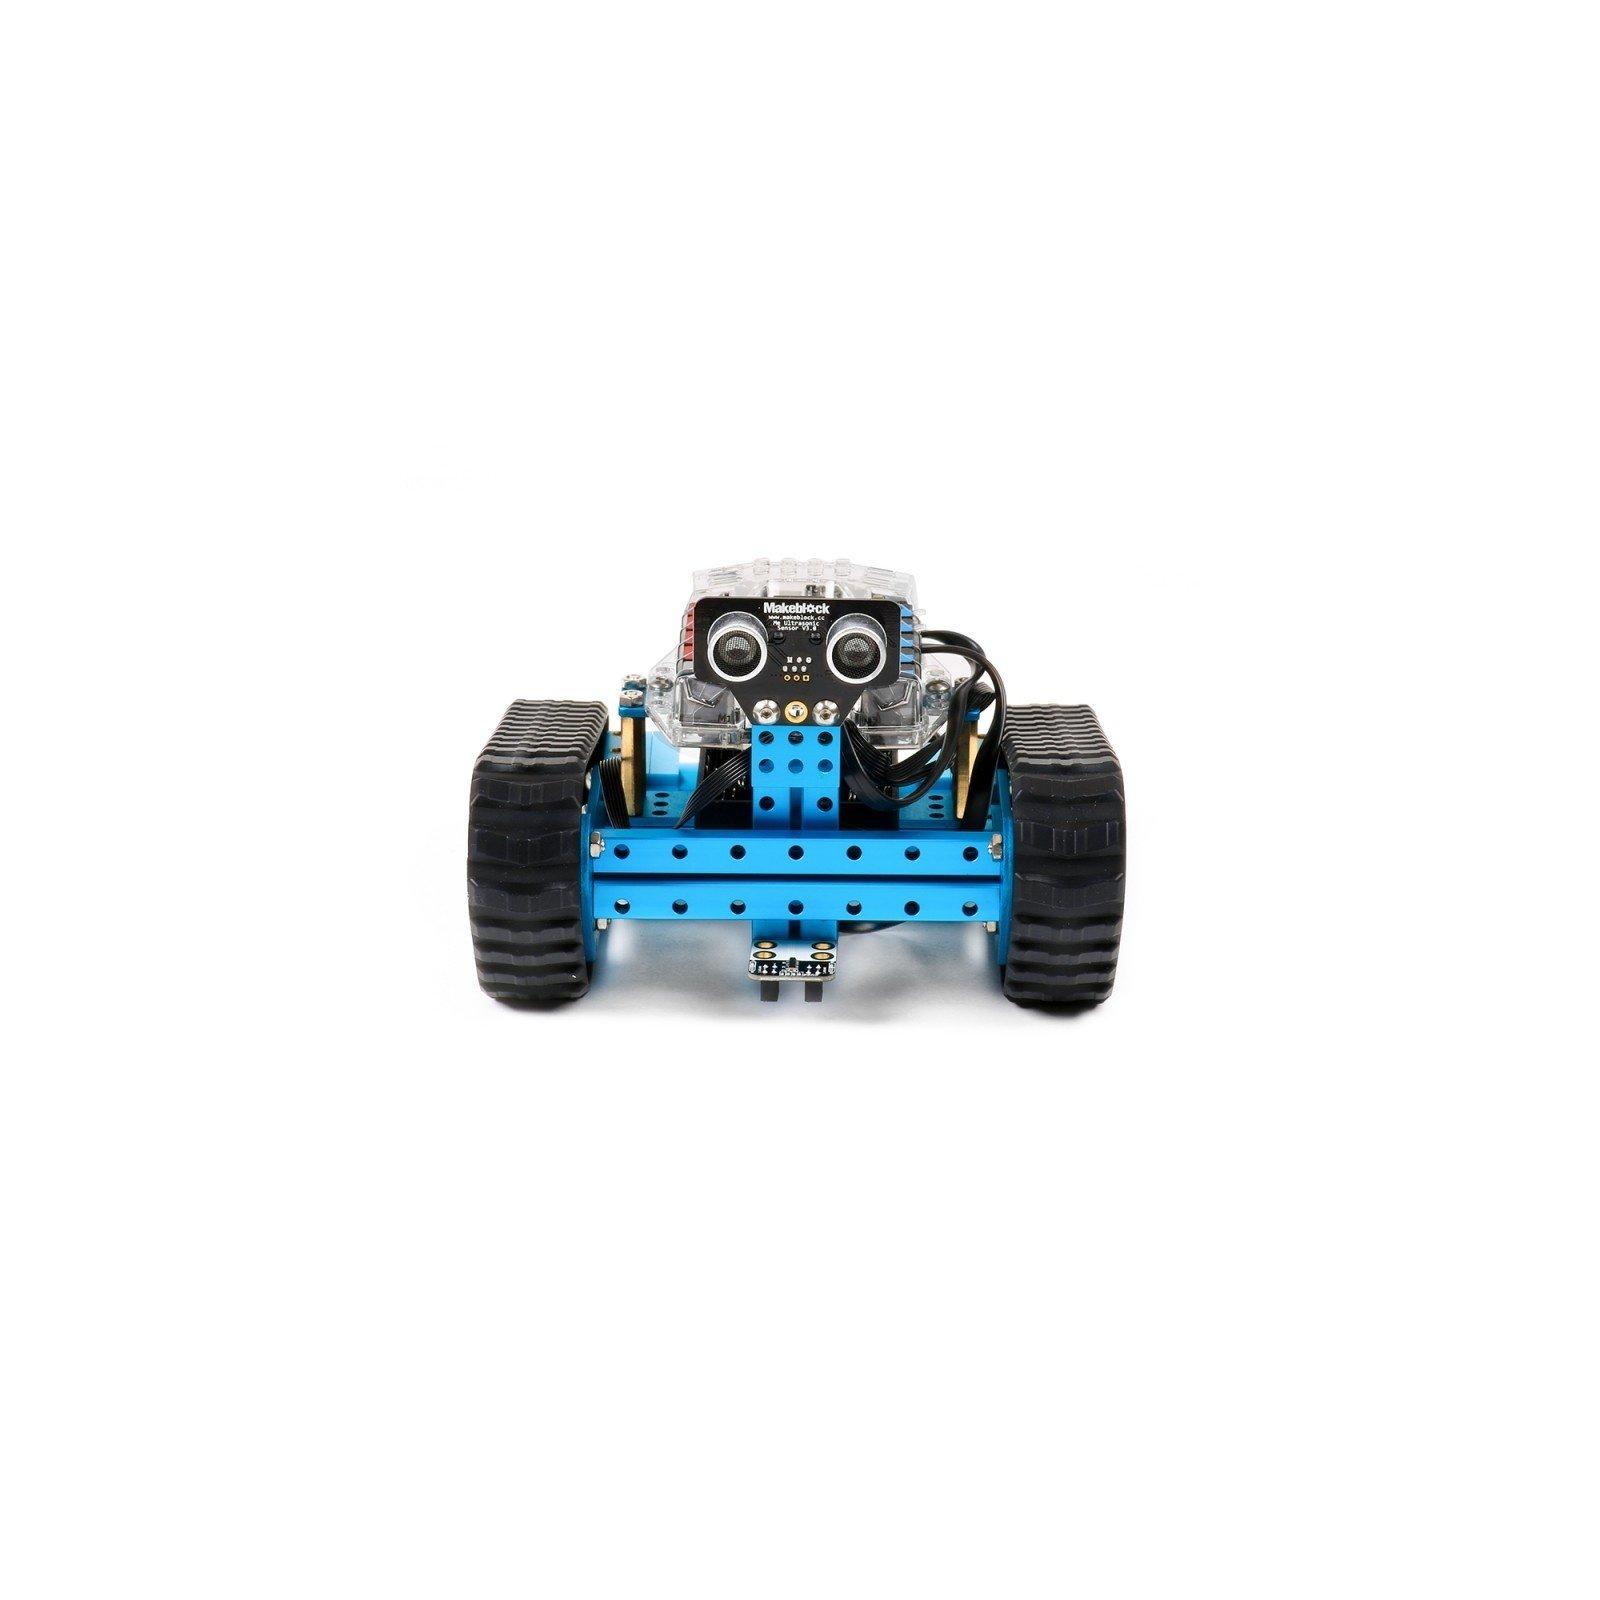 Робот Makeblock mBot Ranger BT (09.00.92) изображение 2